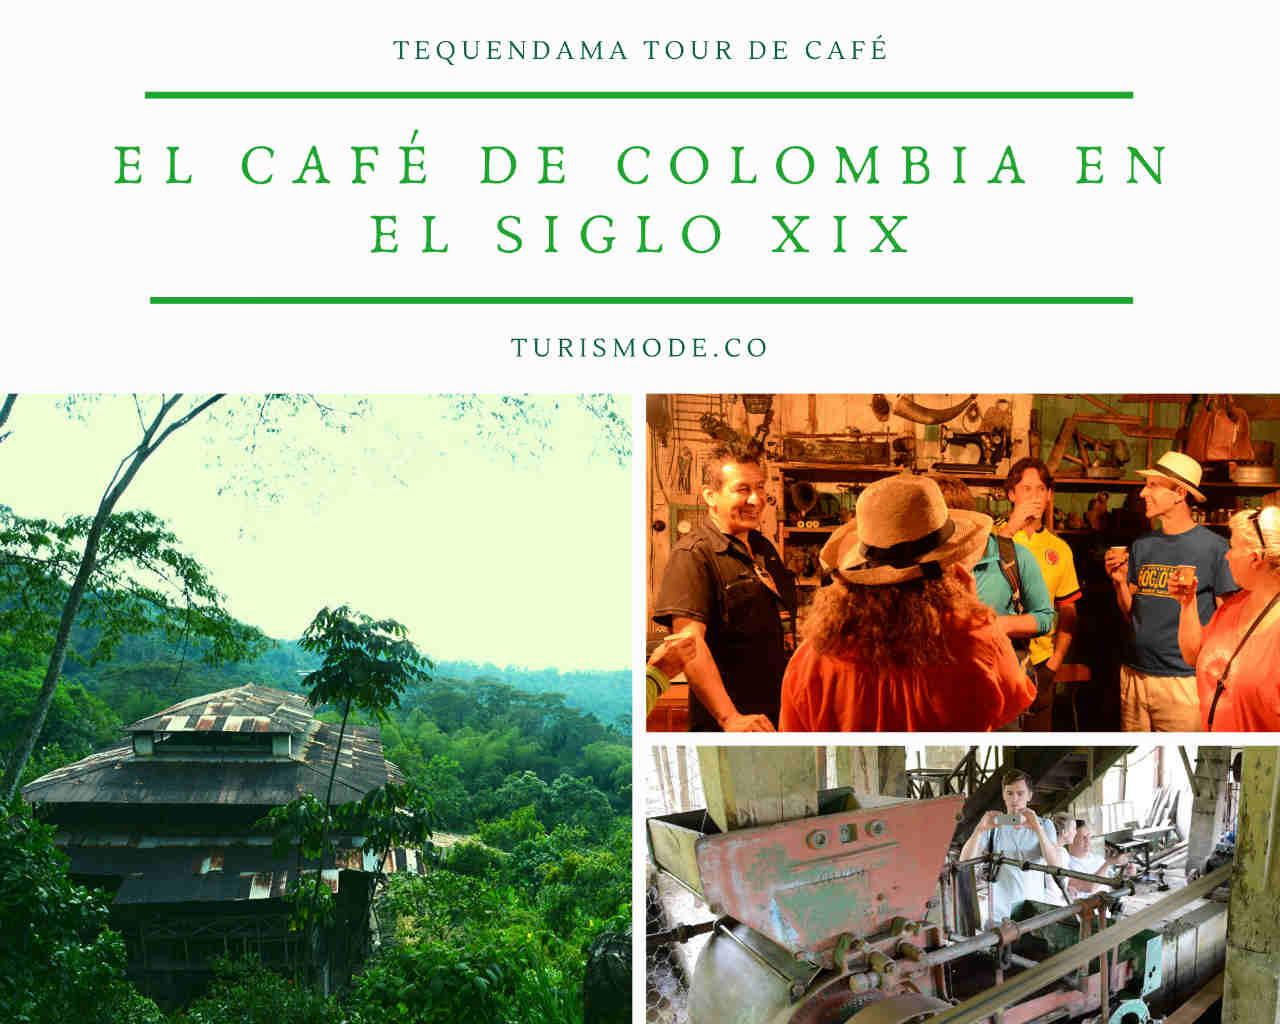 tour de café el Café de Colombia en el Siglo XIX i